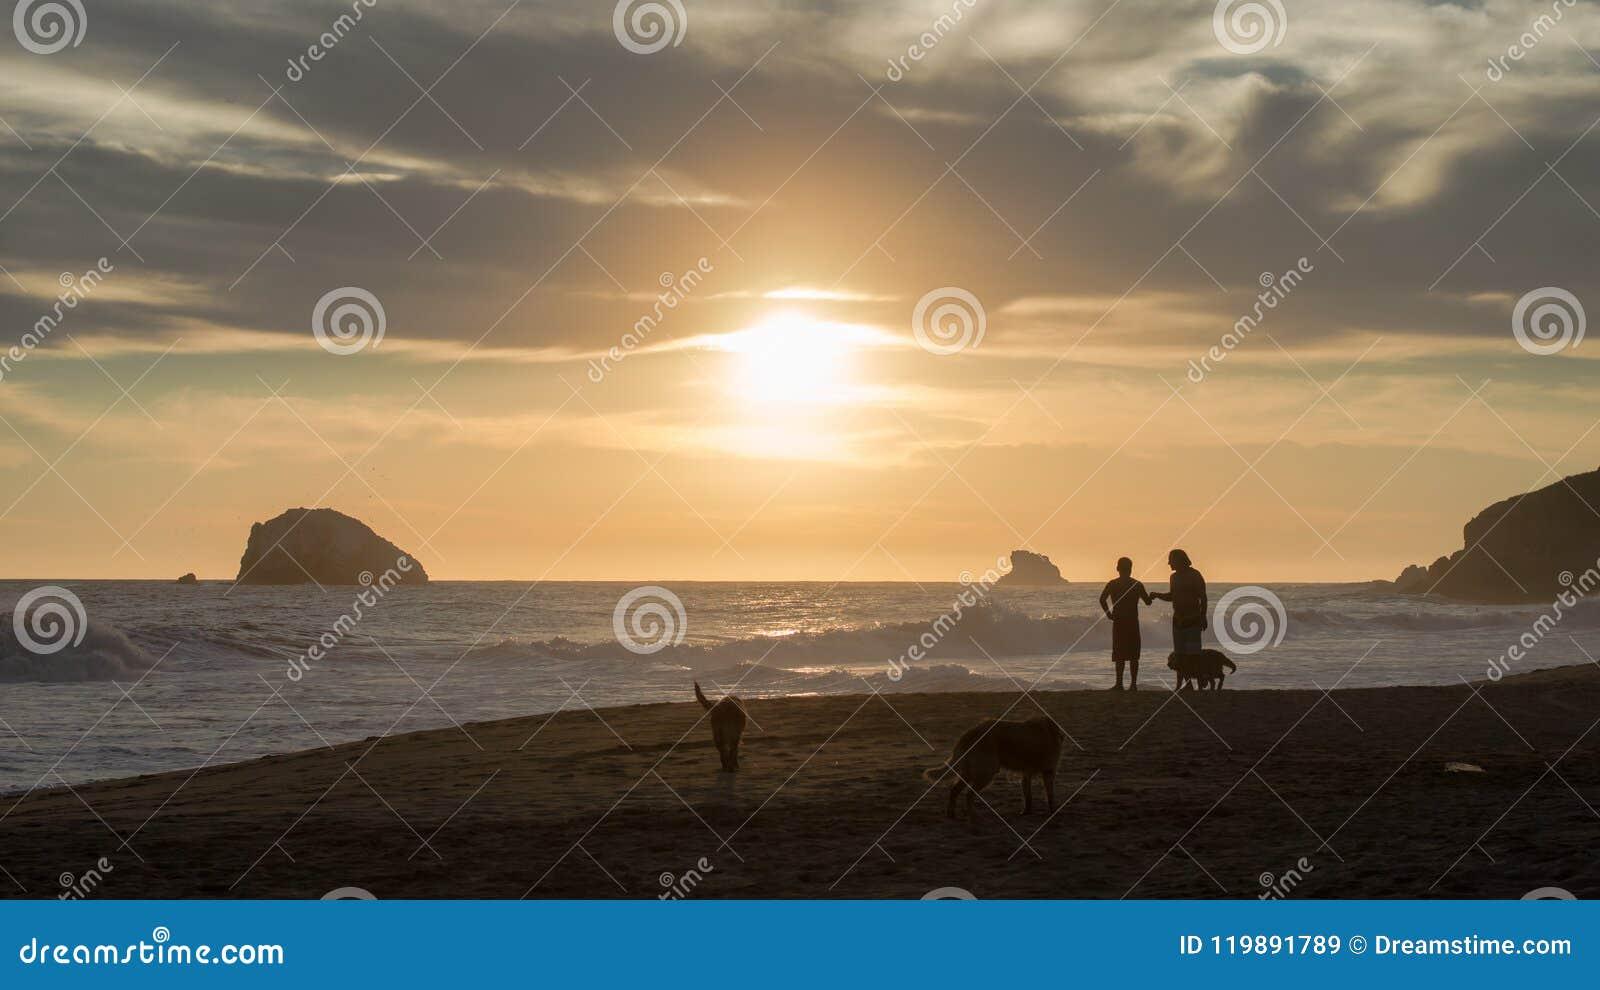 Freunde und Hunde am Strand während des Sonnenuntergangs